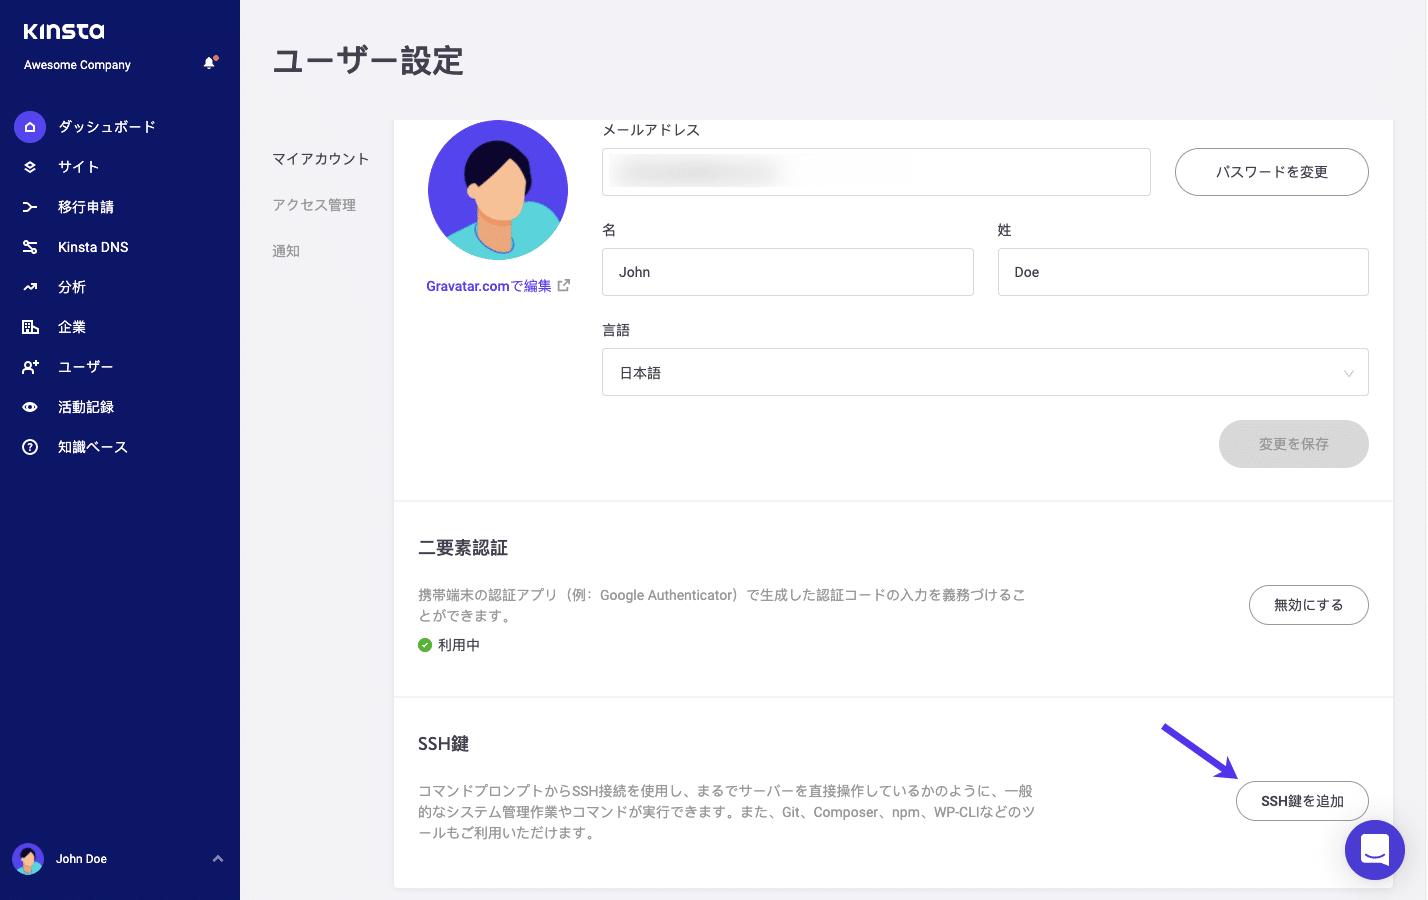 SSHキーを追加する